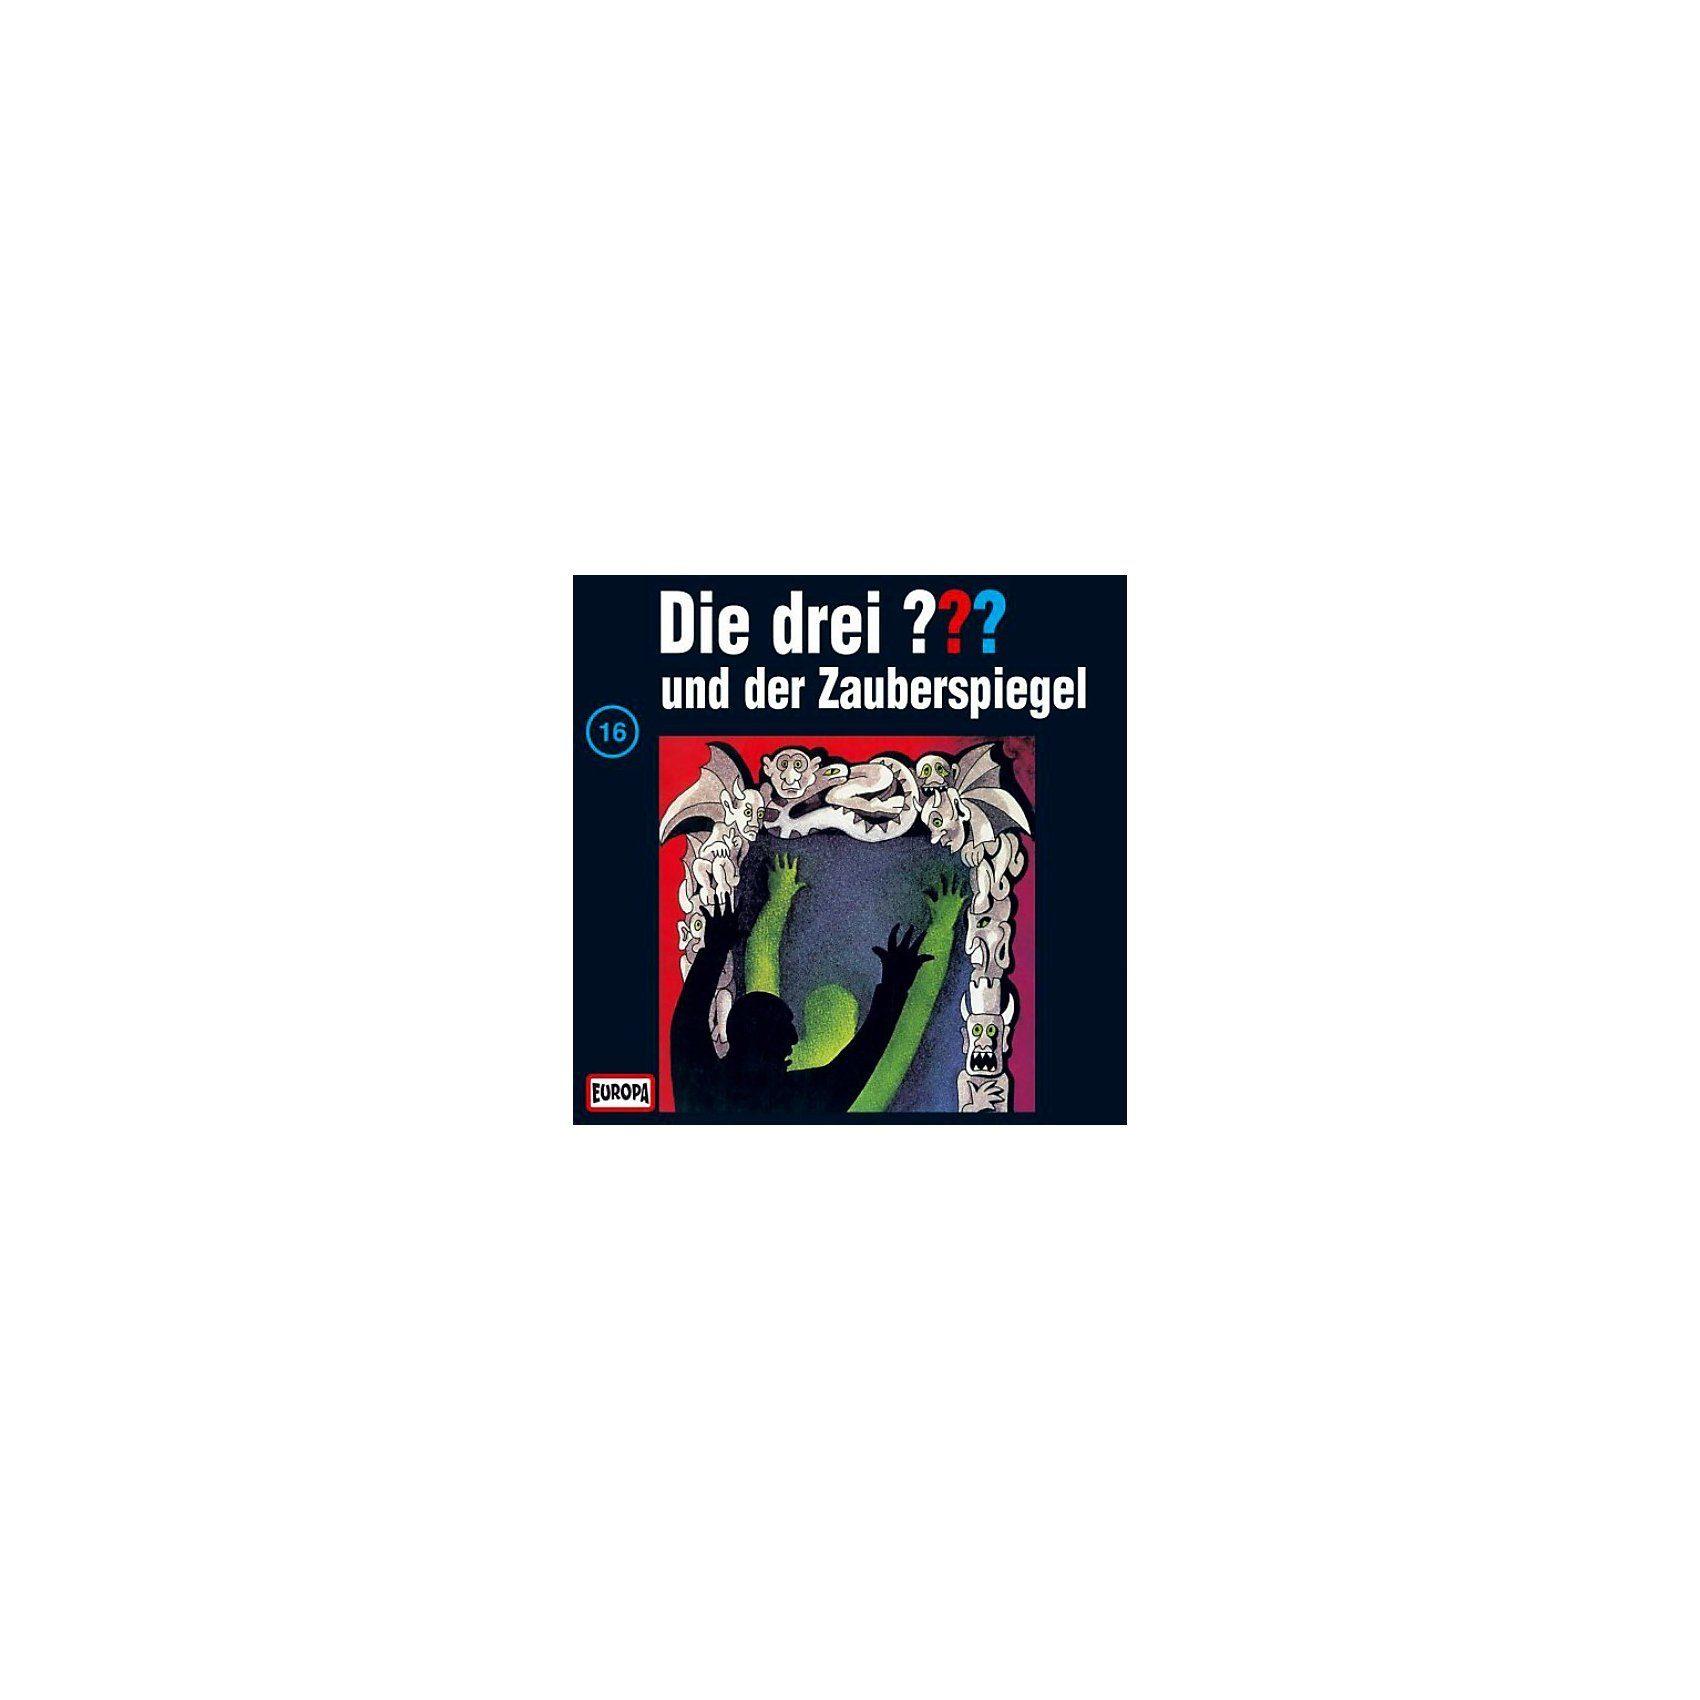 SONY BMG MUSIC CD Die Drei ??? 016/und der Zauberspiegel